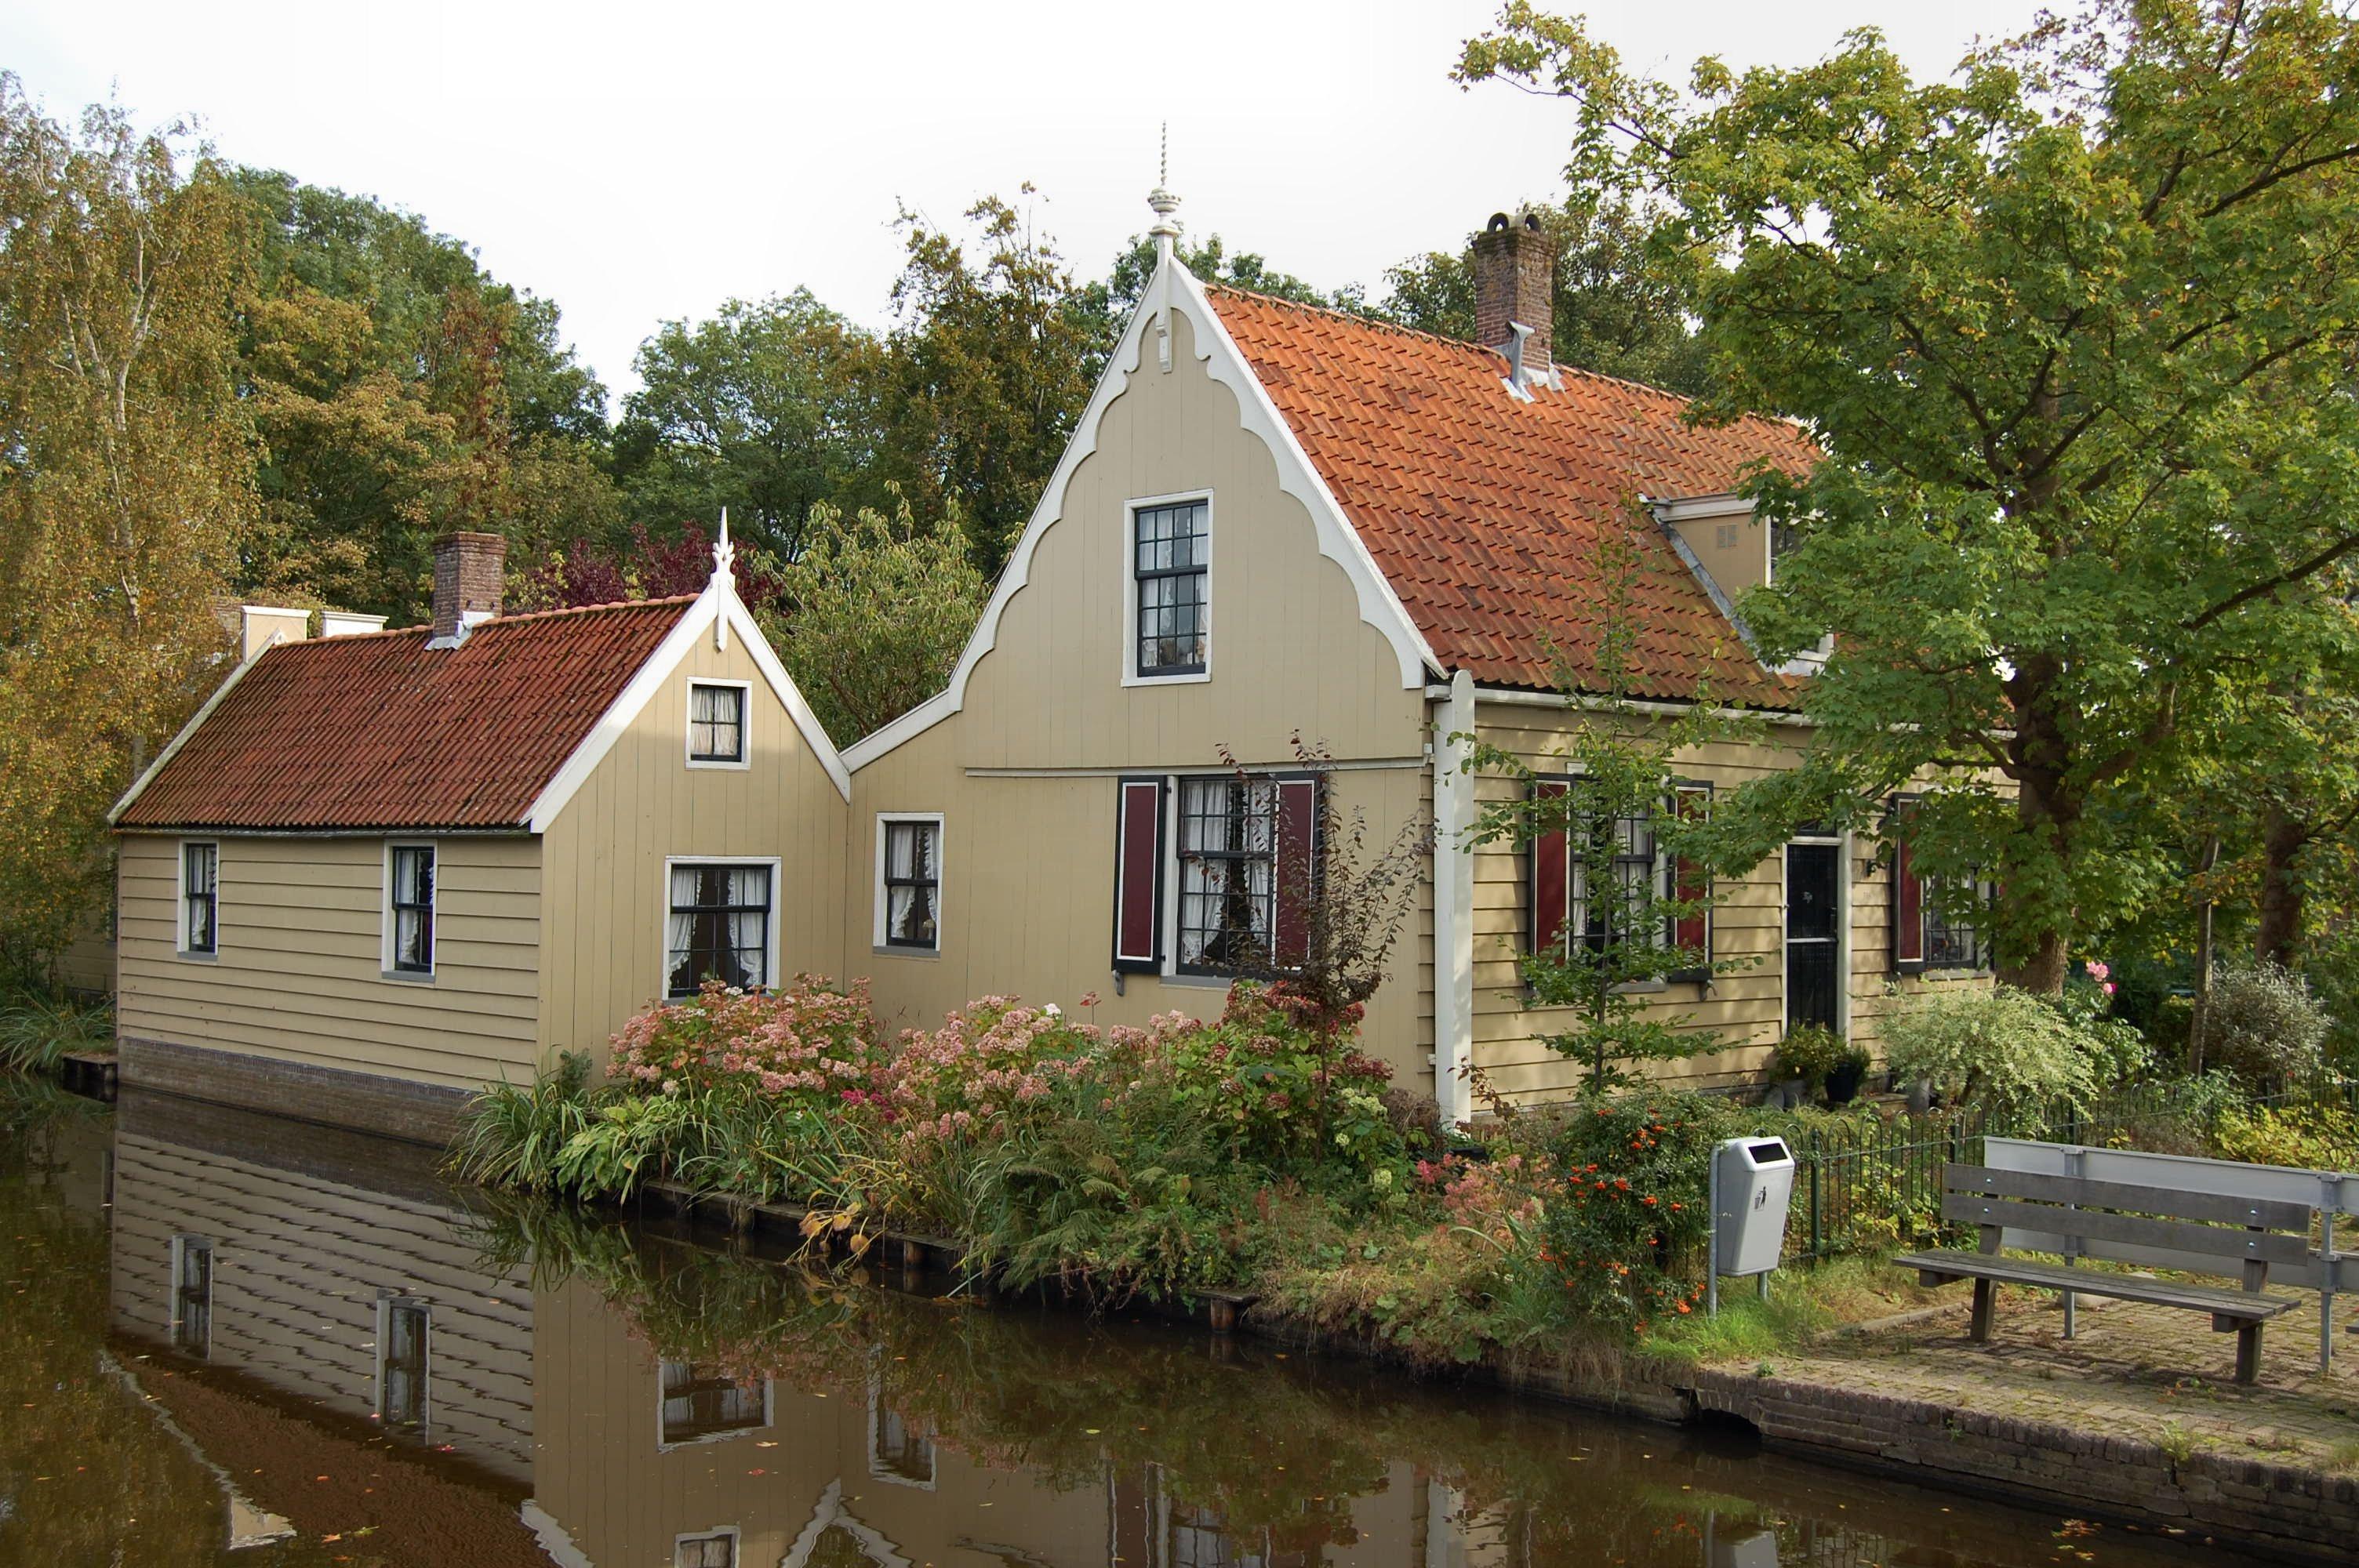 Houten huis met zadeldak gesneden deur in lodewijk xvi stijl in westzaan monument - Houten huis ...